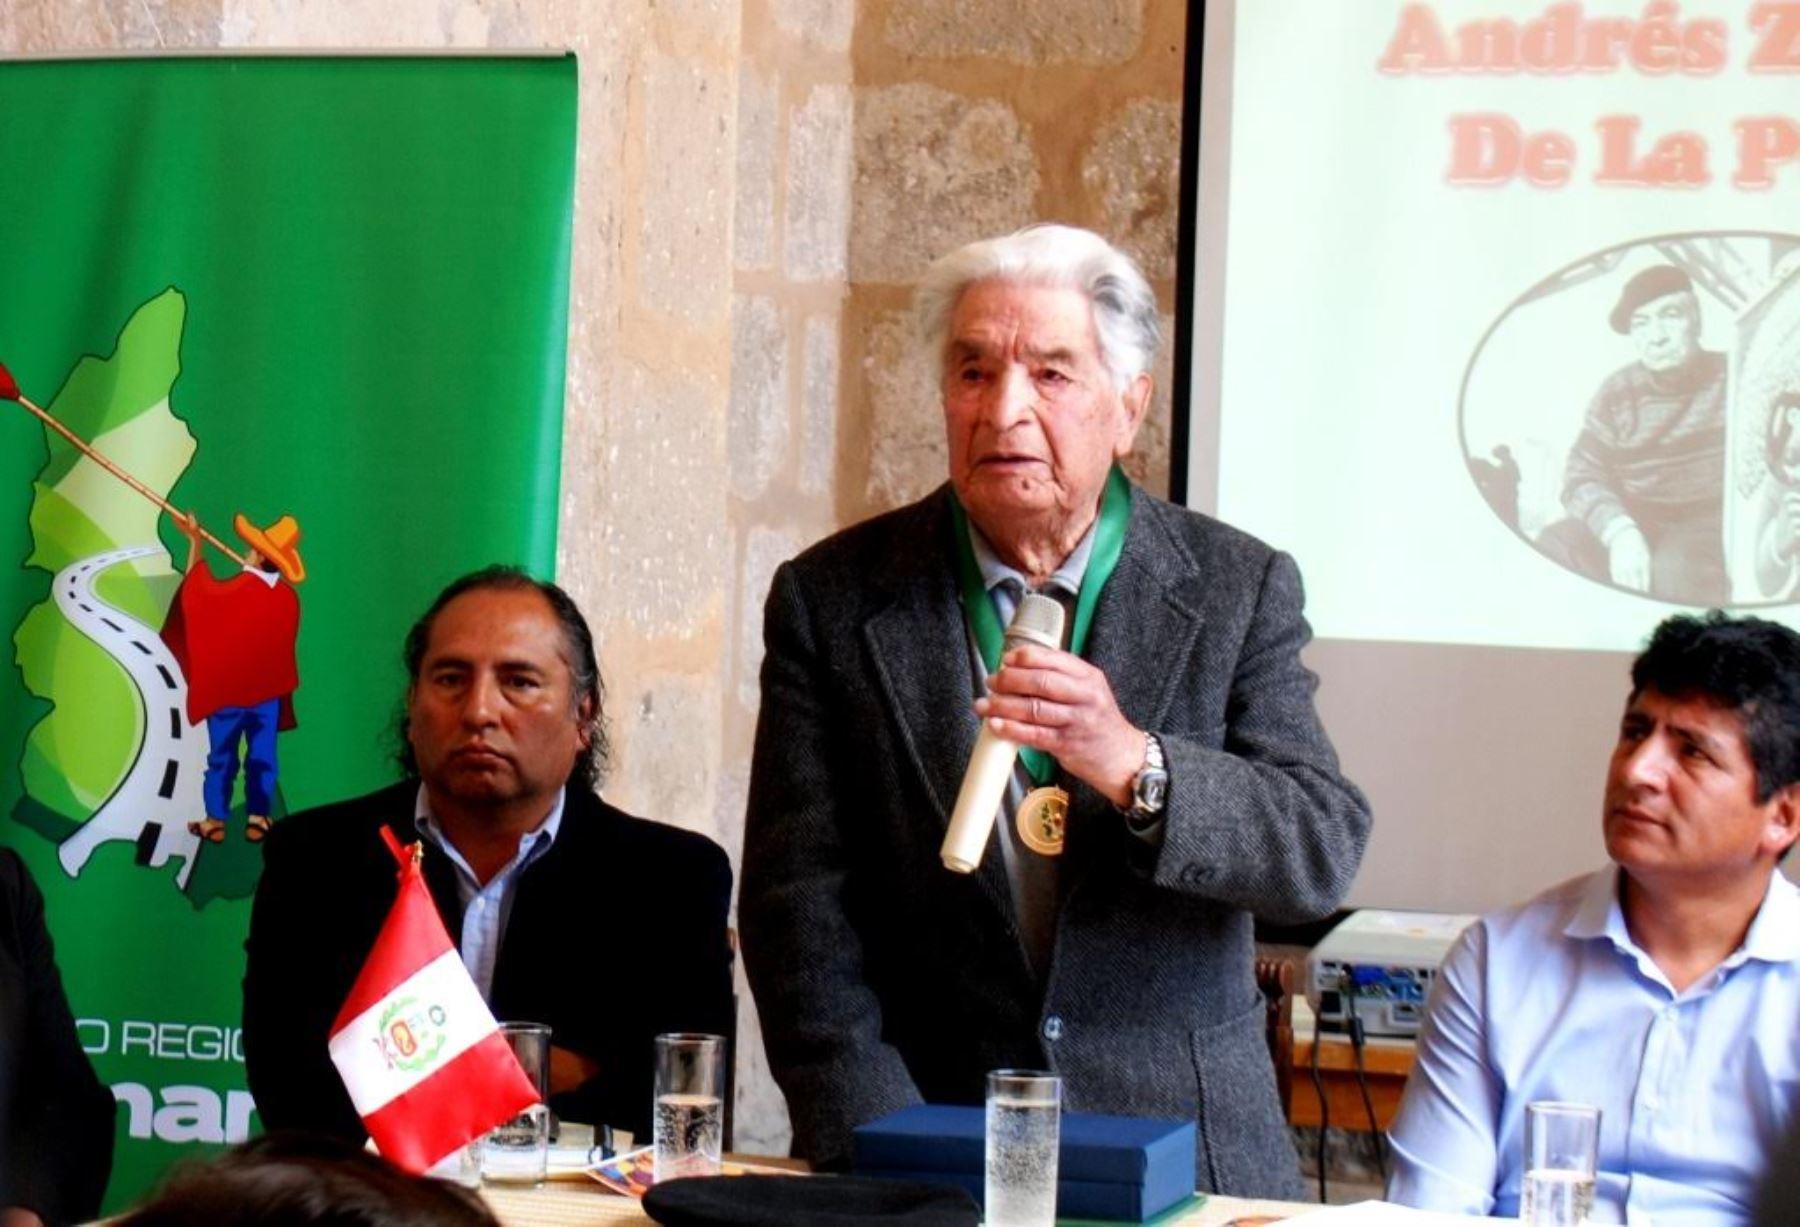 El pintor indigenista Andrés Zevallos De la Puente falleció hoy en la ciudad de Cajamarca.